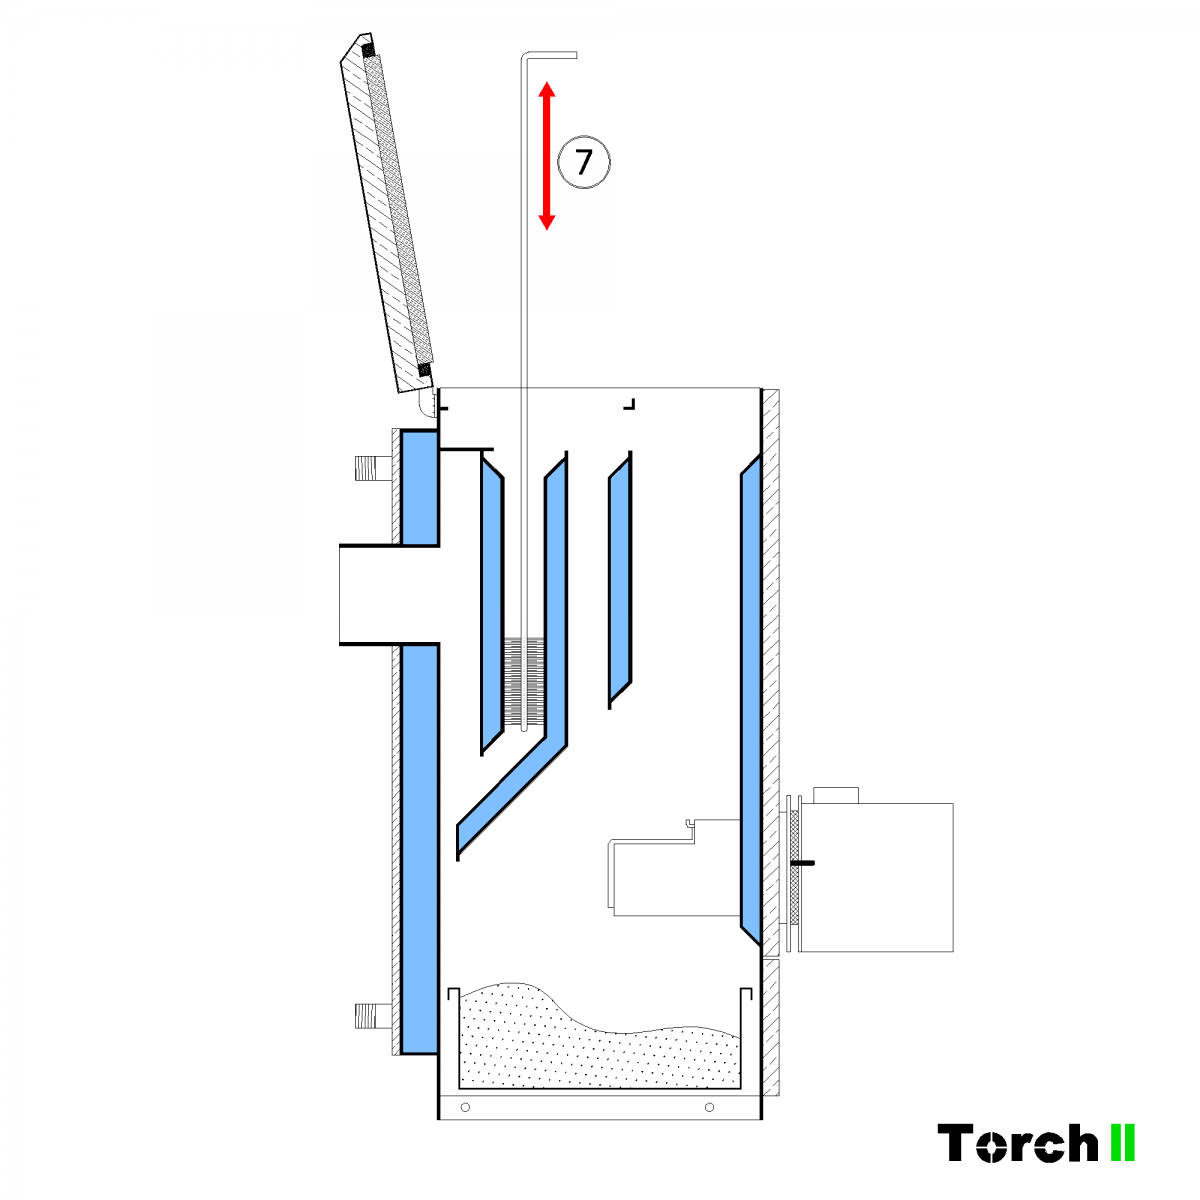 Почистване на пелетен котел Torch II - стъпка 5